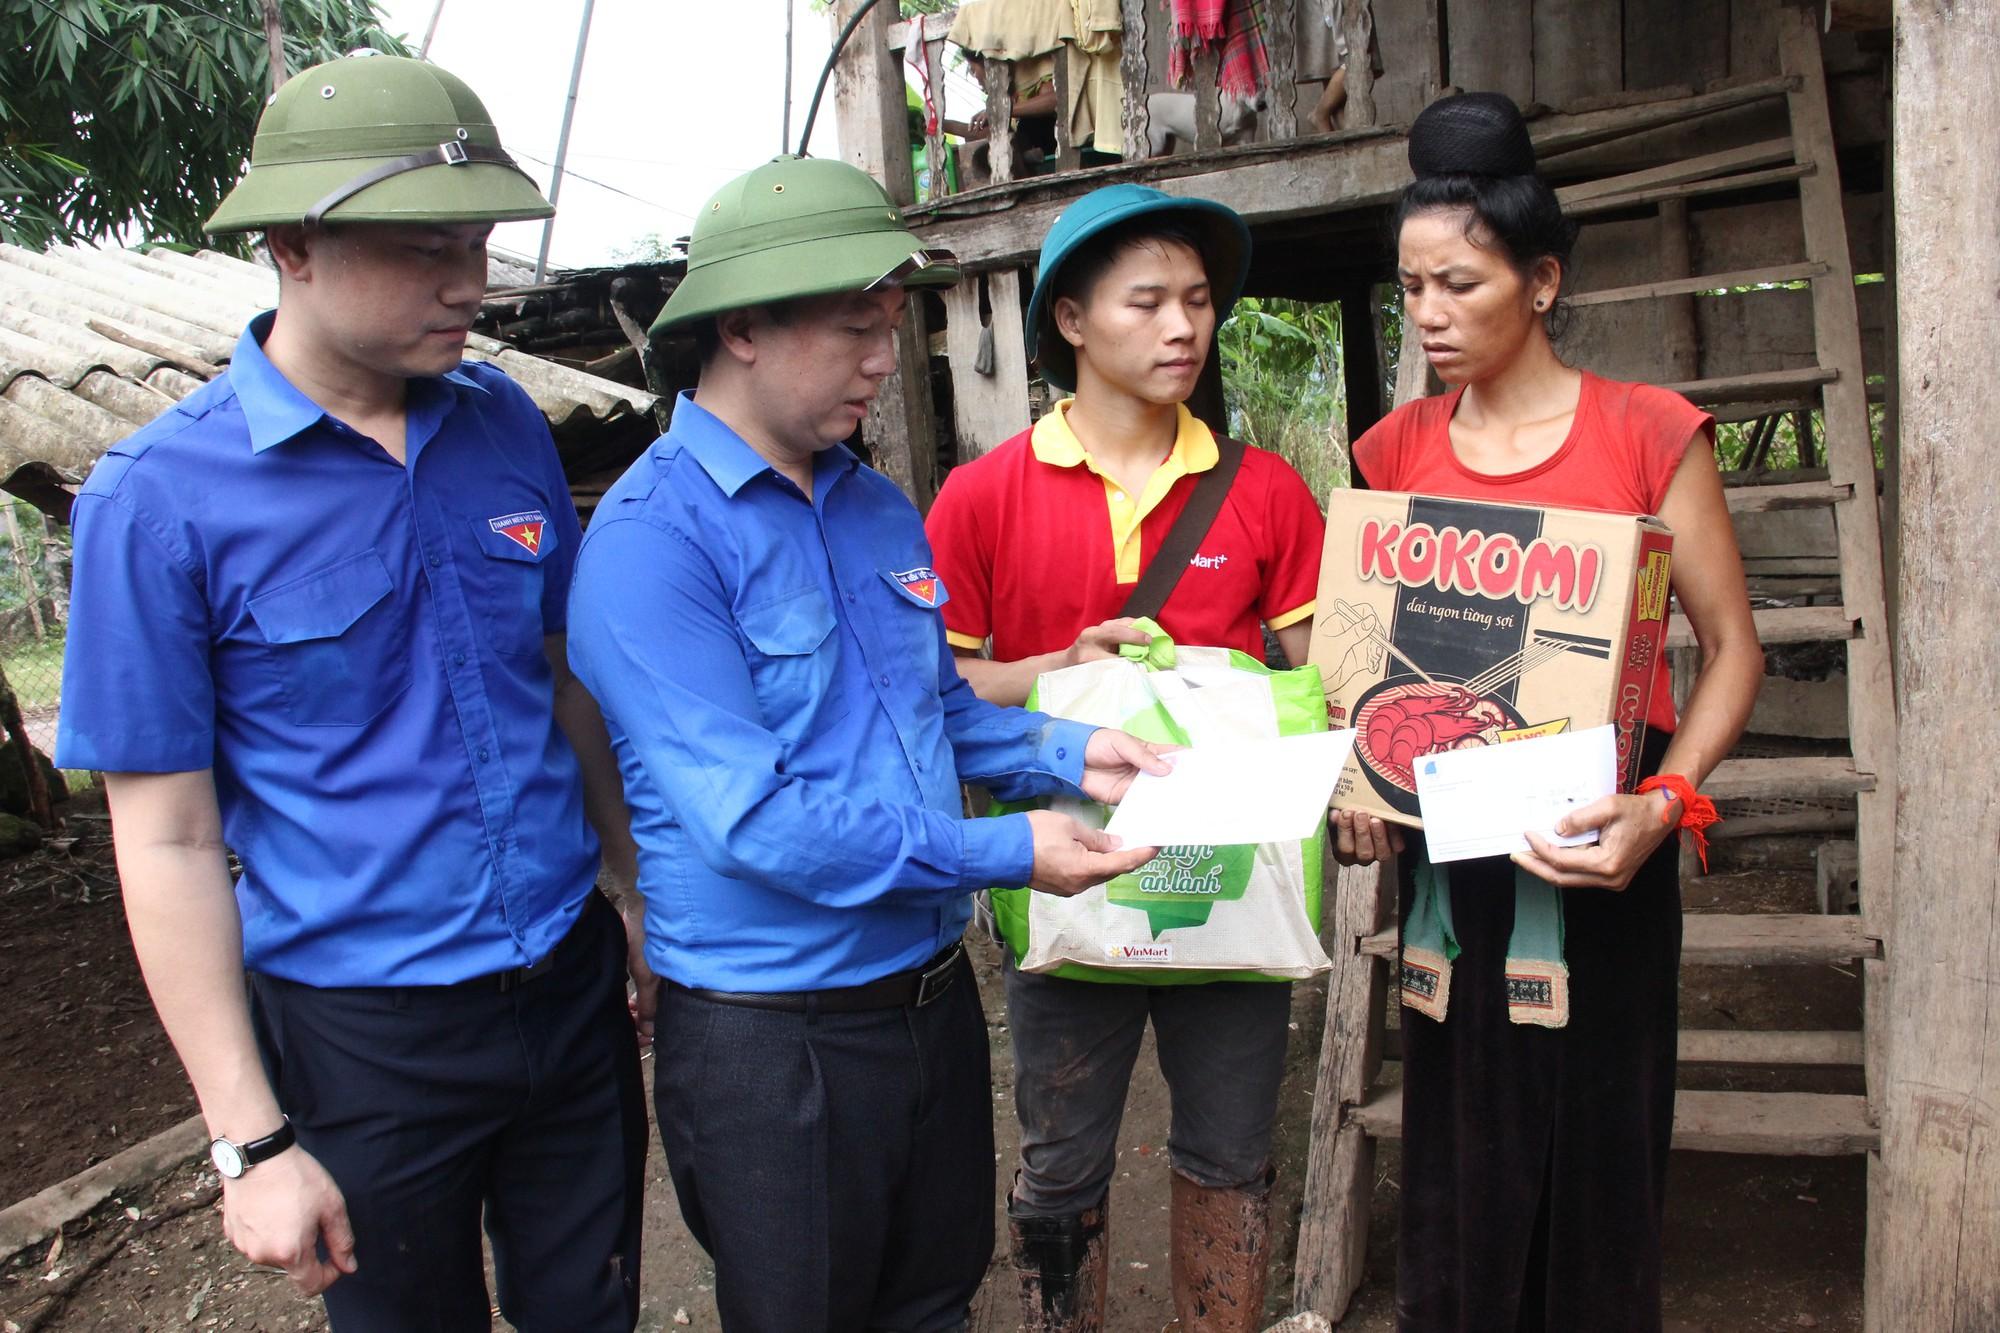 Trung ương Đoàn, Trung ương Hội chung tay hỗ trợ bà con nhân dân Lai Châu vượt qua lũ lụt - Ảnh 5.